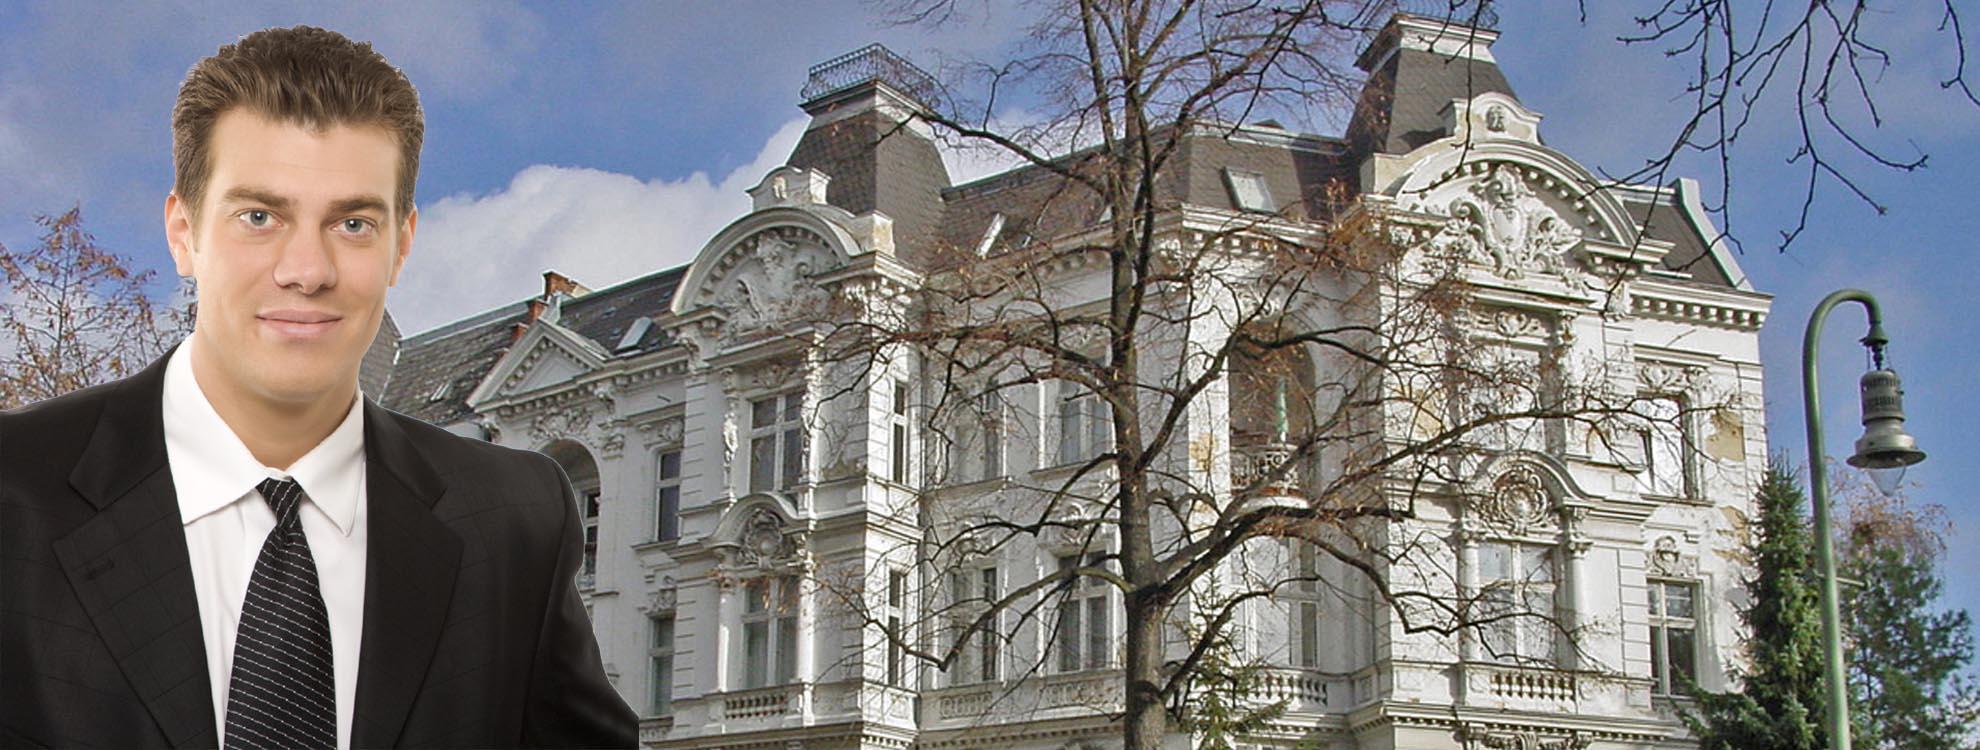 Immobilienwertermittlung Seminar in München